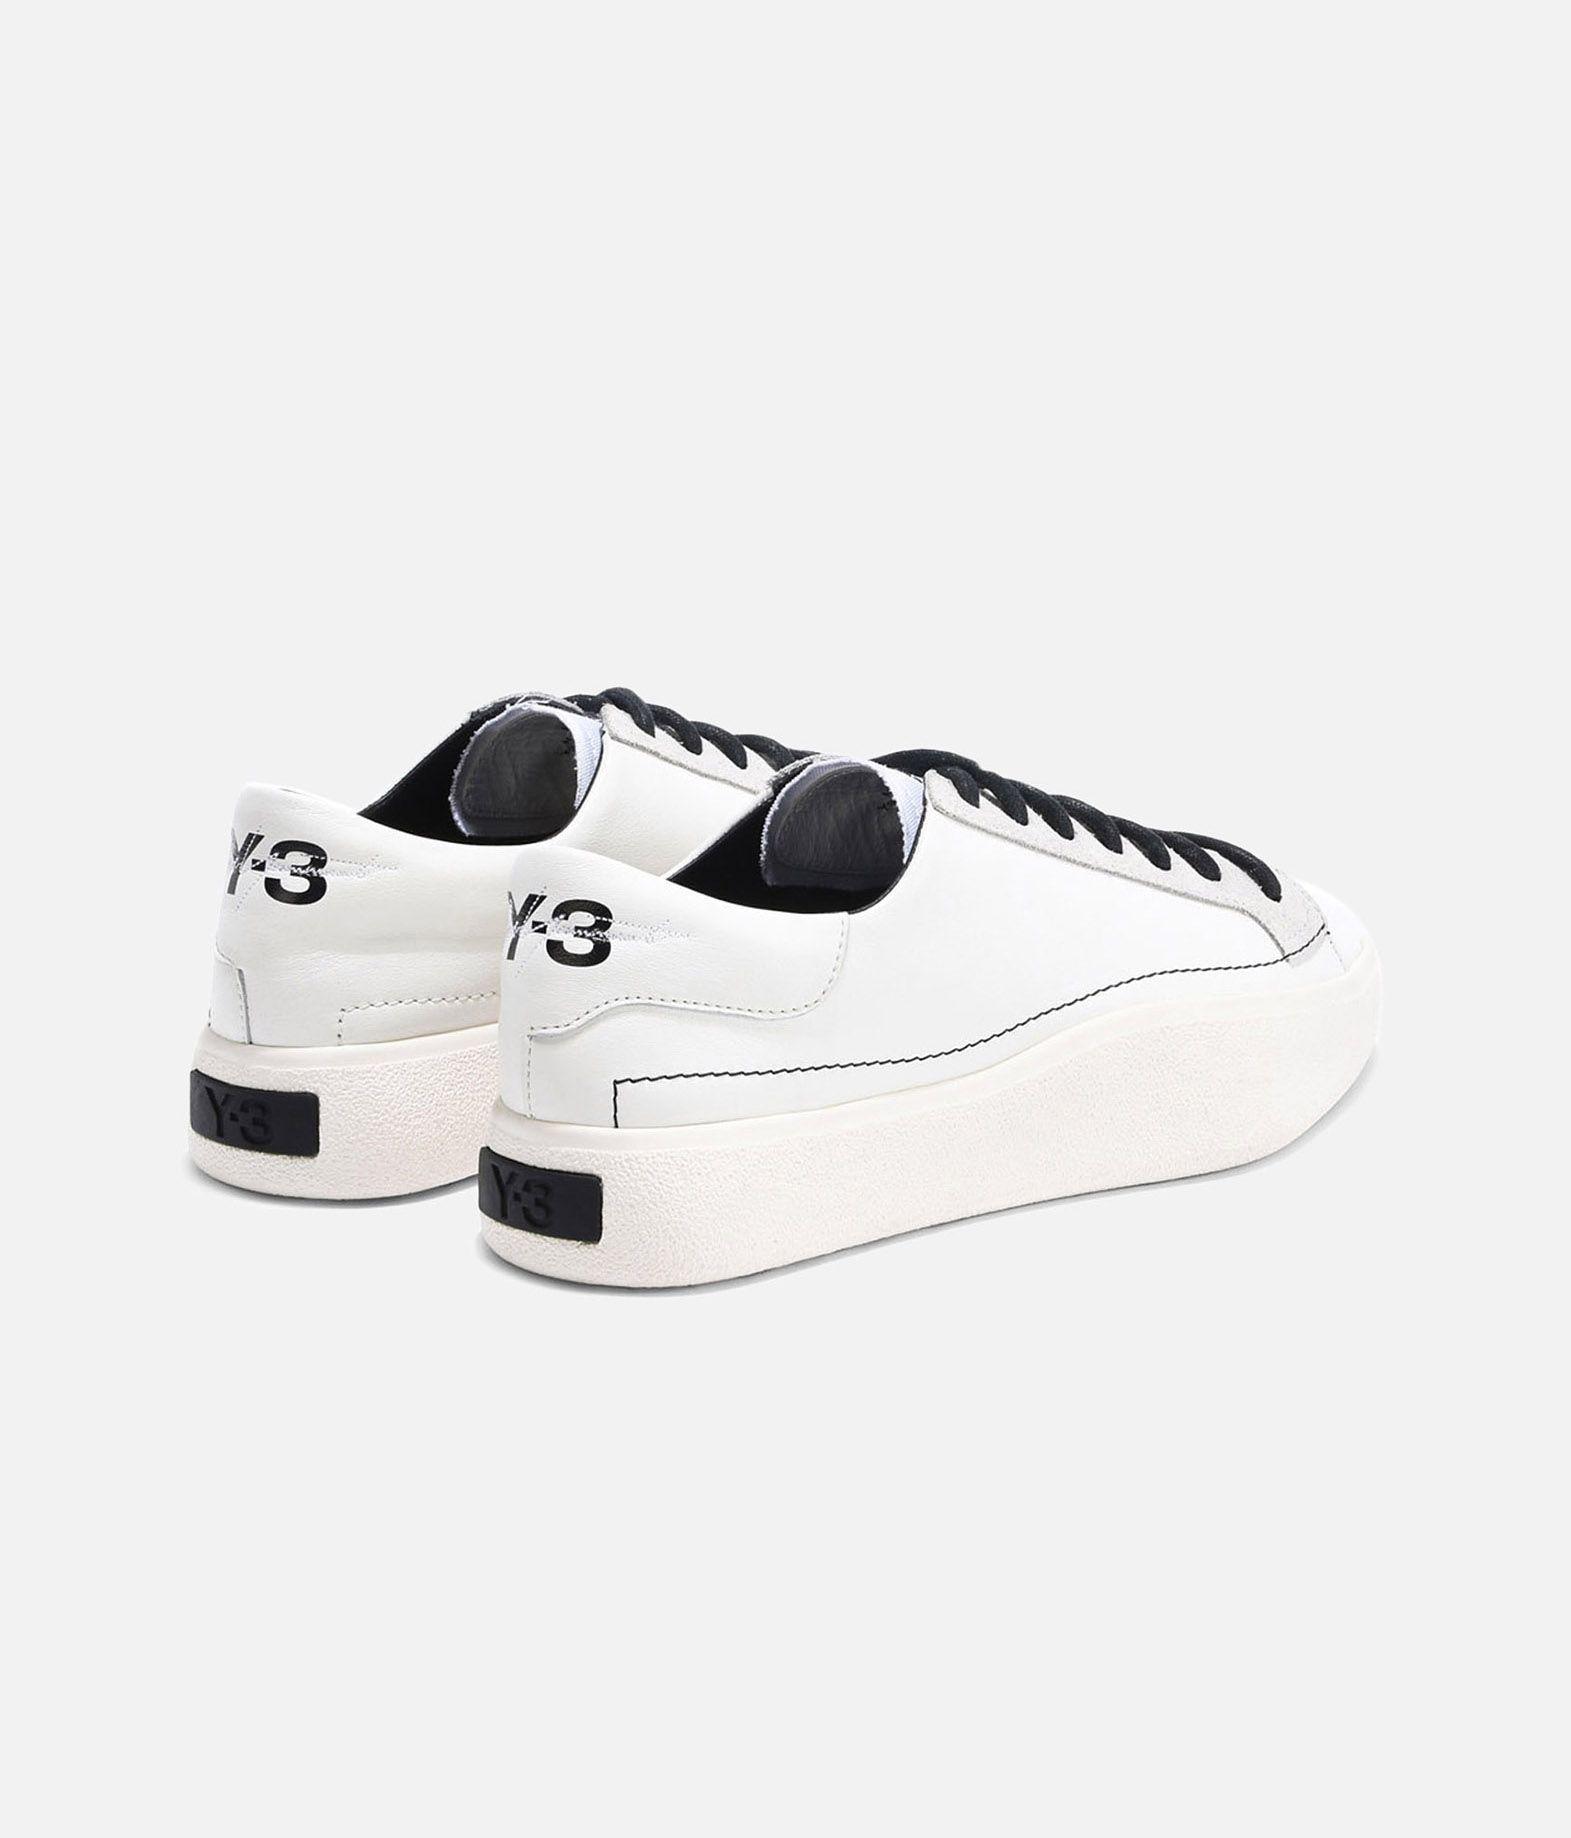 e52004deb Y-3 Y-3 Tangutsu Lace Sneakers E c ...